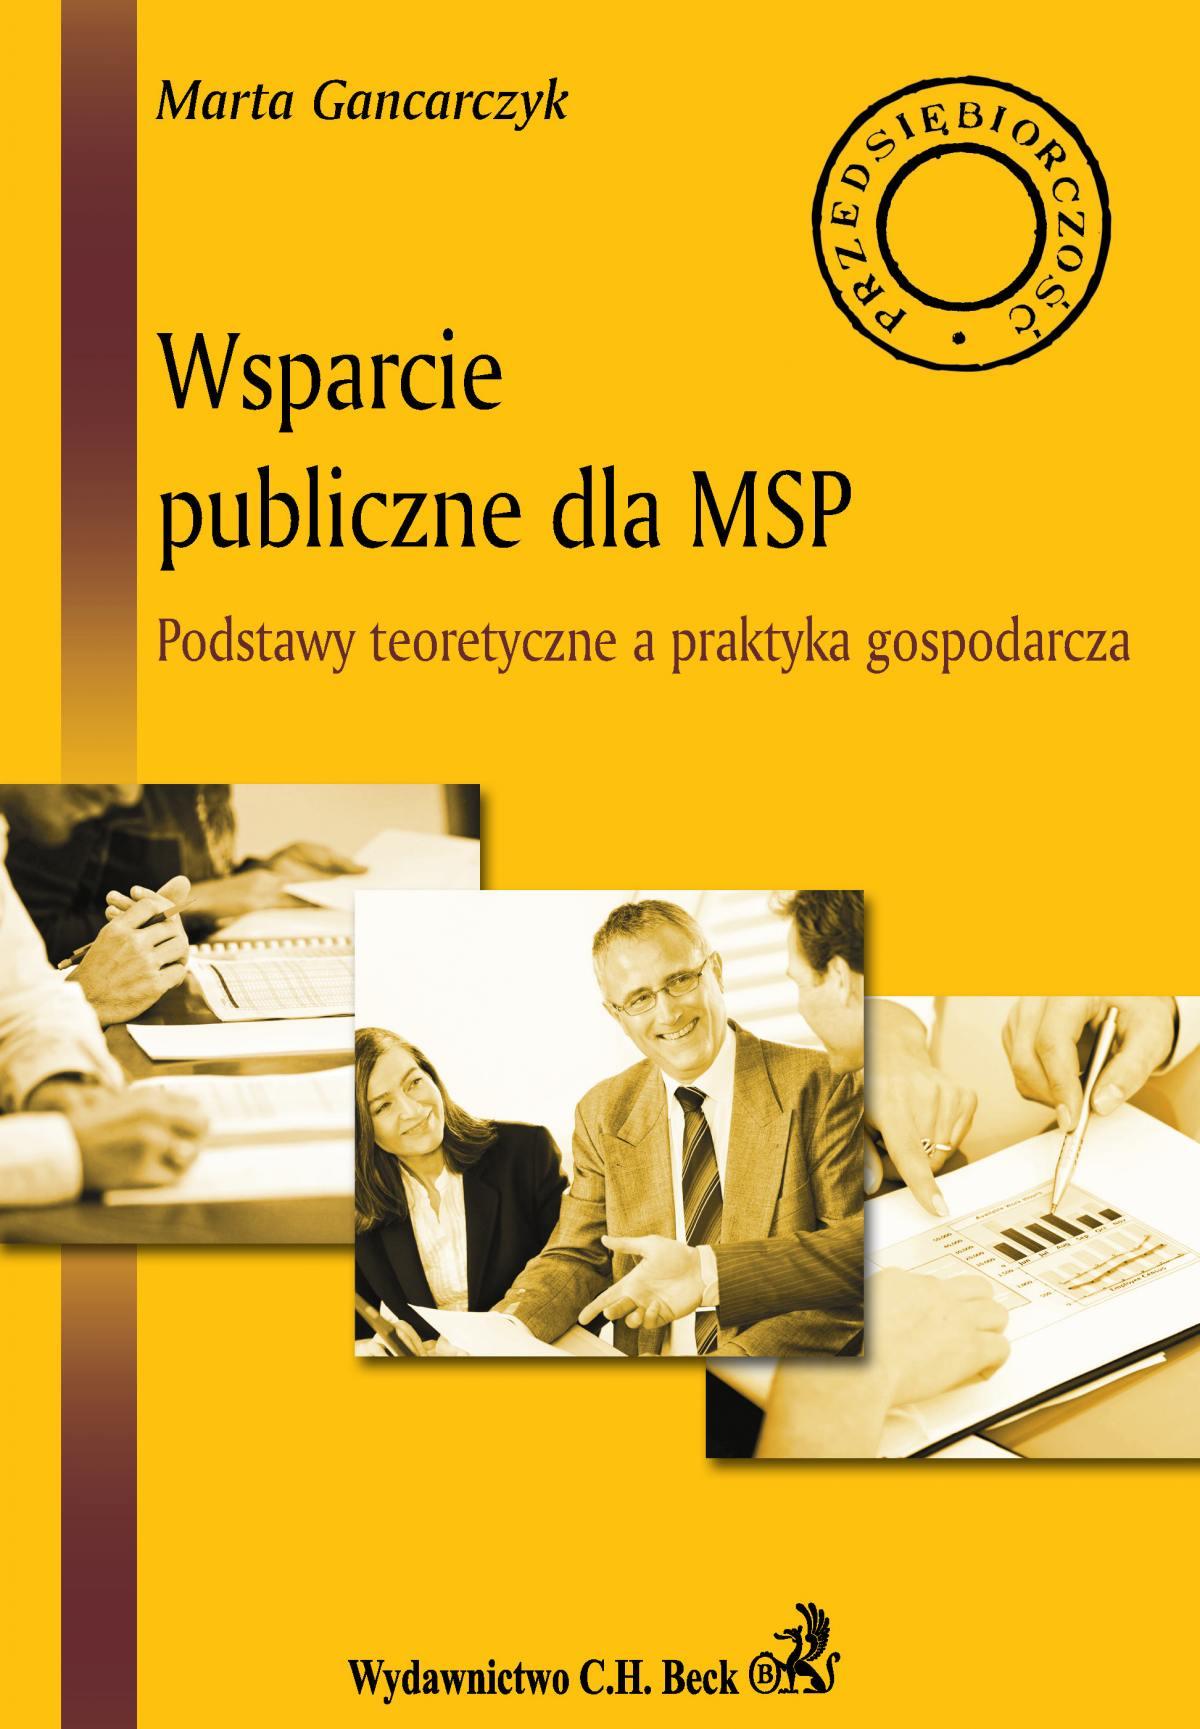 Wsparcie publiczne dla MSP. Podstawy teoretyczne a praktyka gospodarcza - Ebook (Książka PDF) do pobrania w formacie PDF